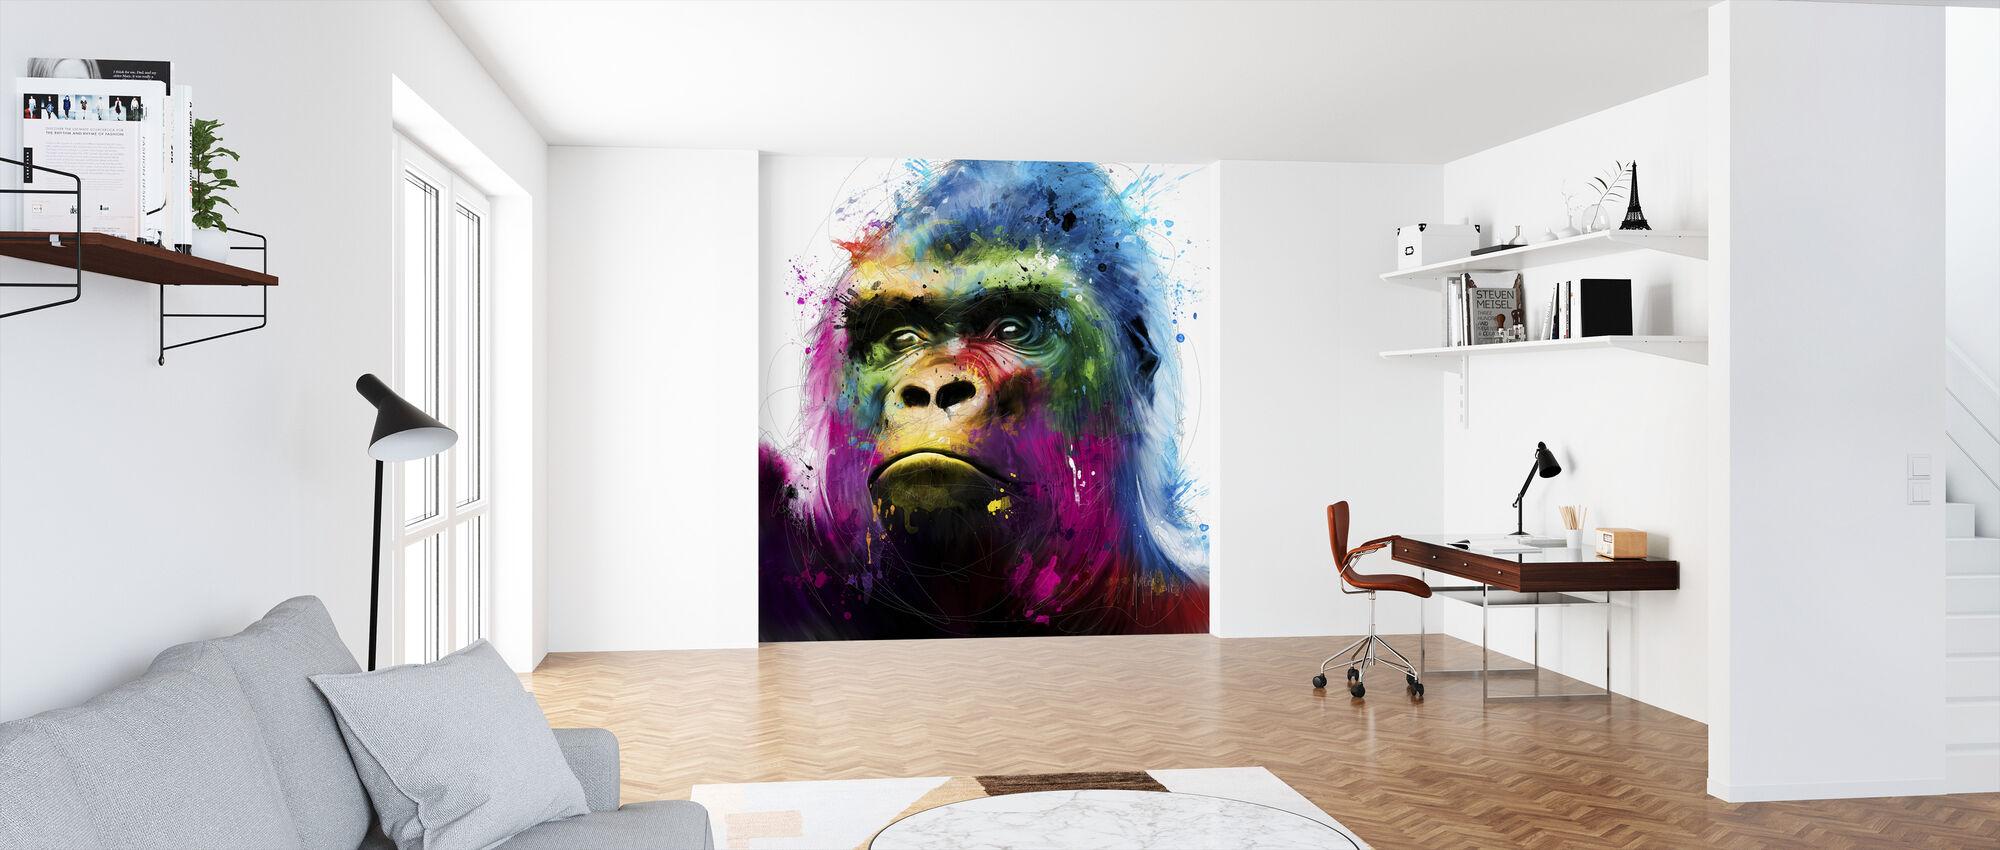 Gorilla - Wallpaper - Office